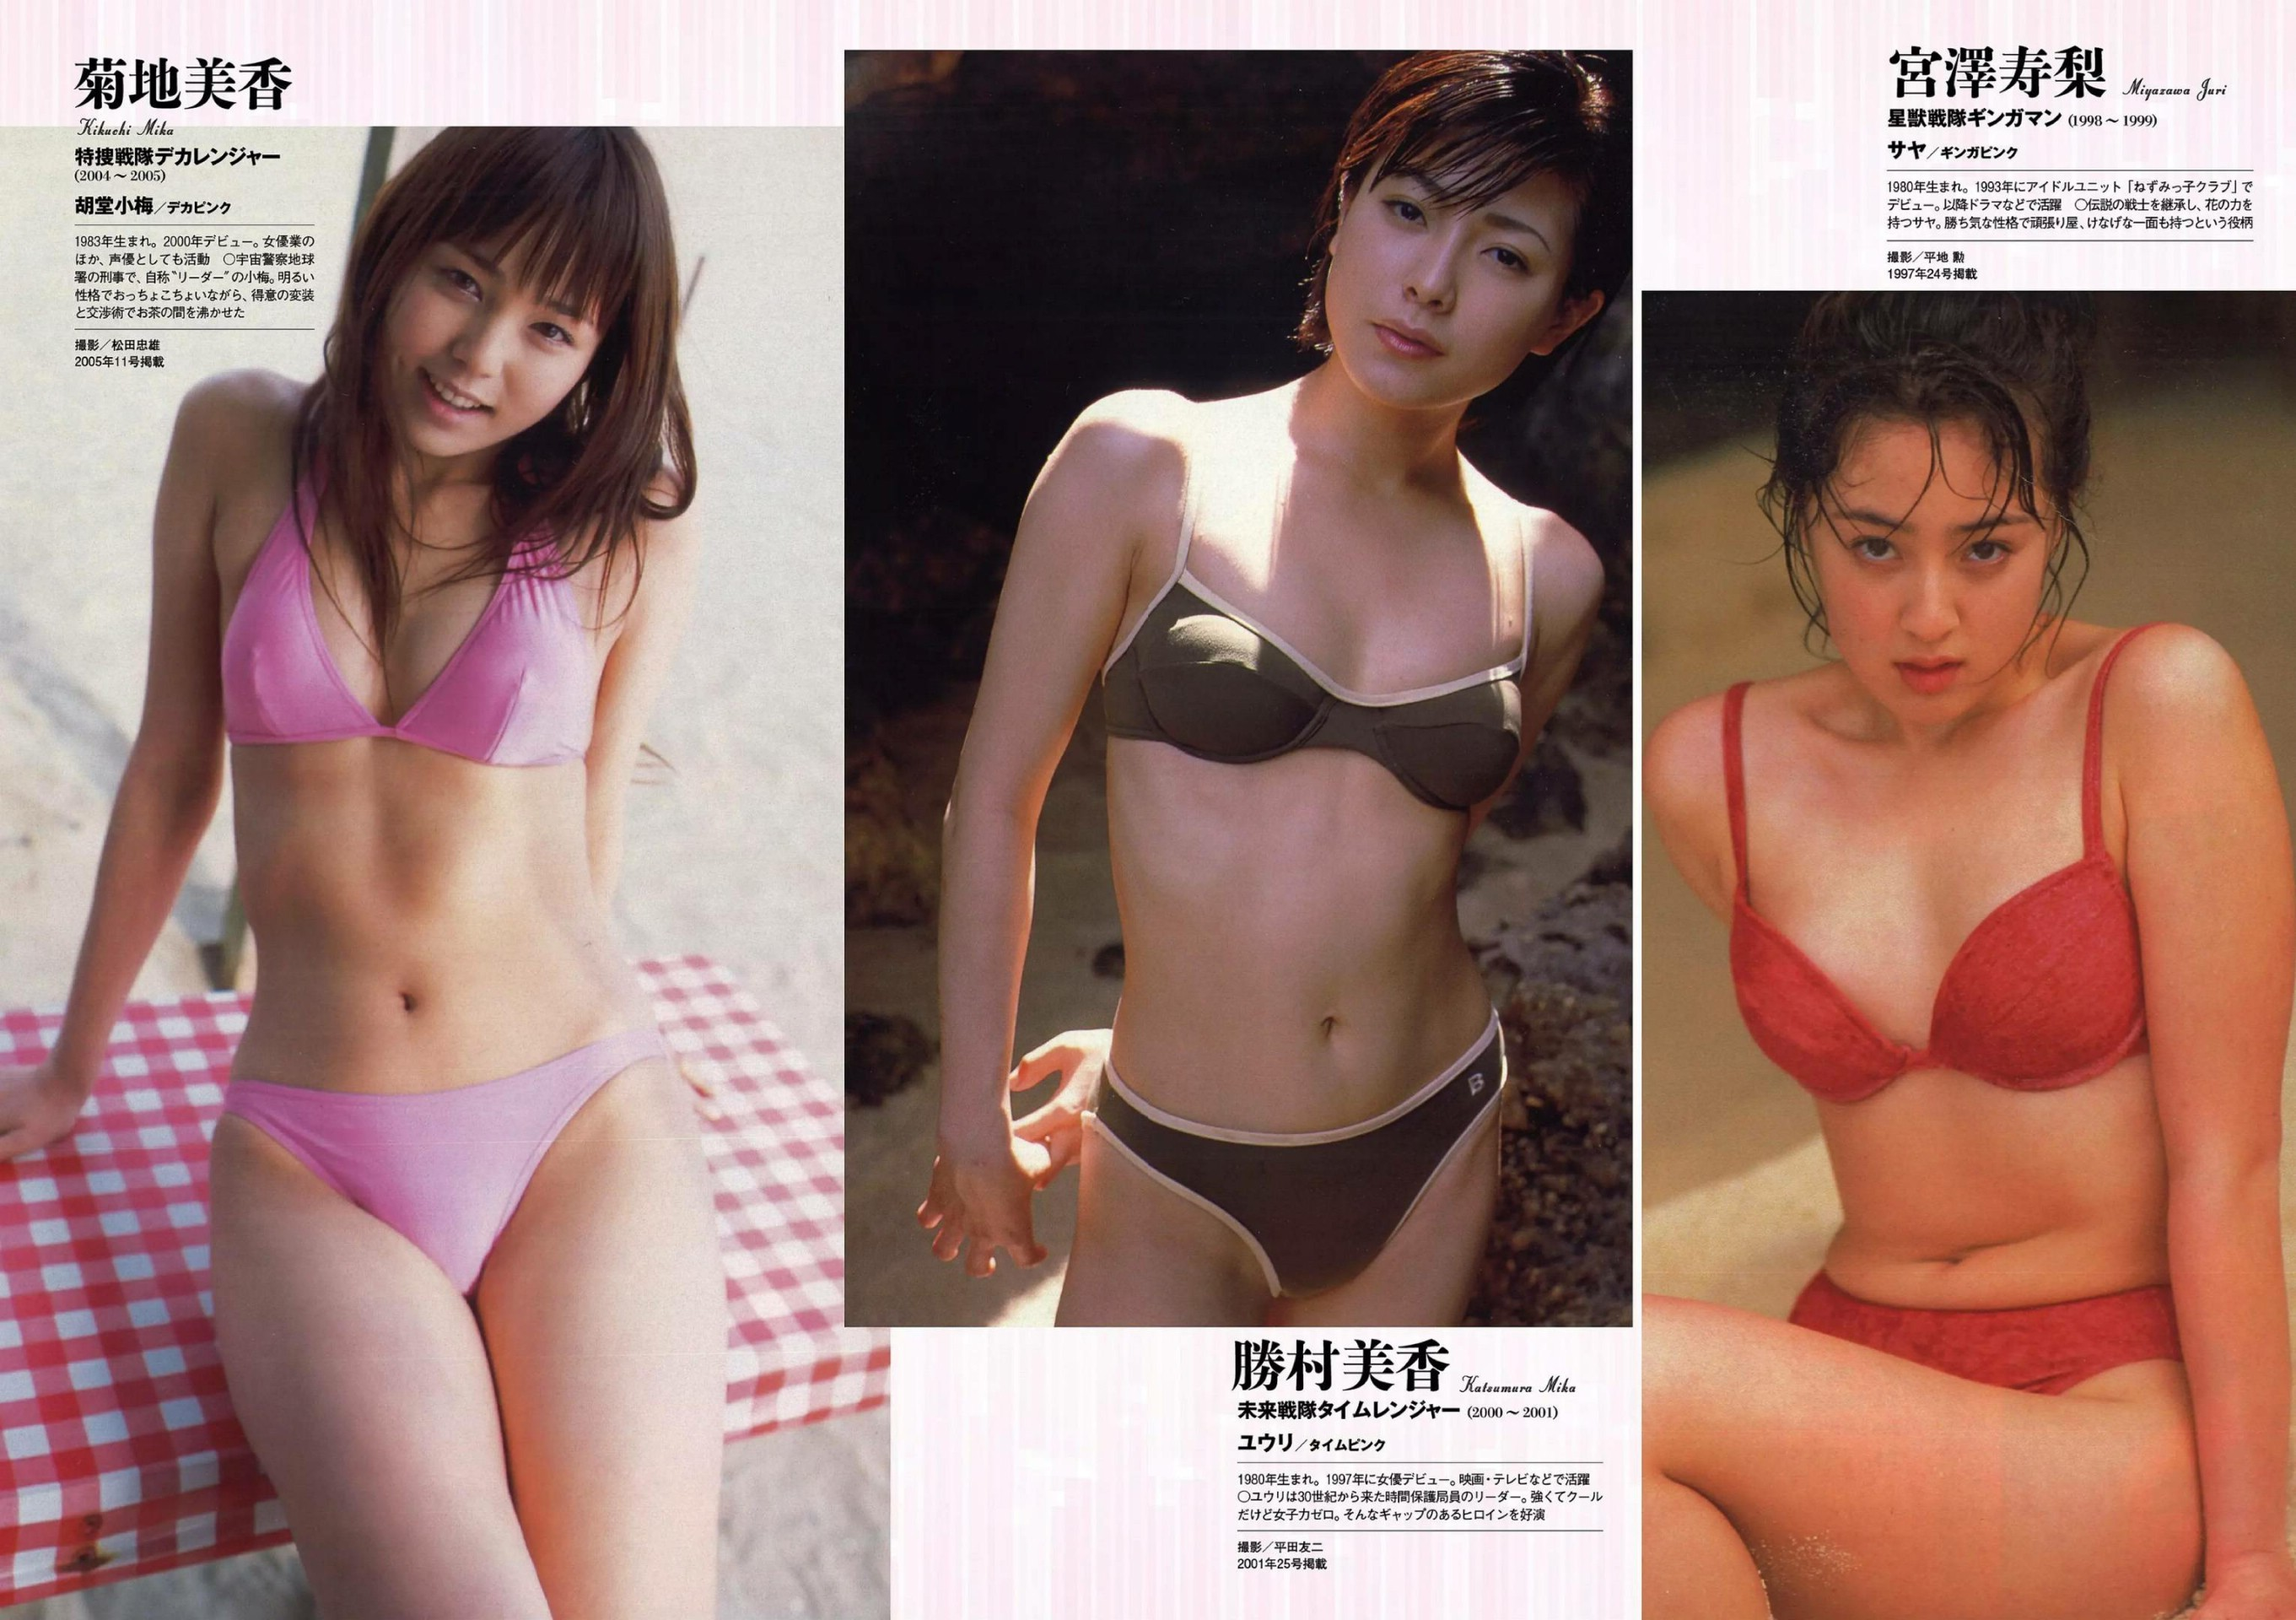 Weekly Playboy 2020-31_32_imgs-0096